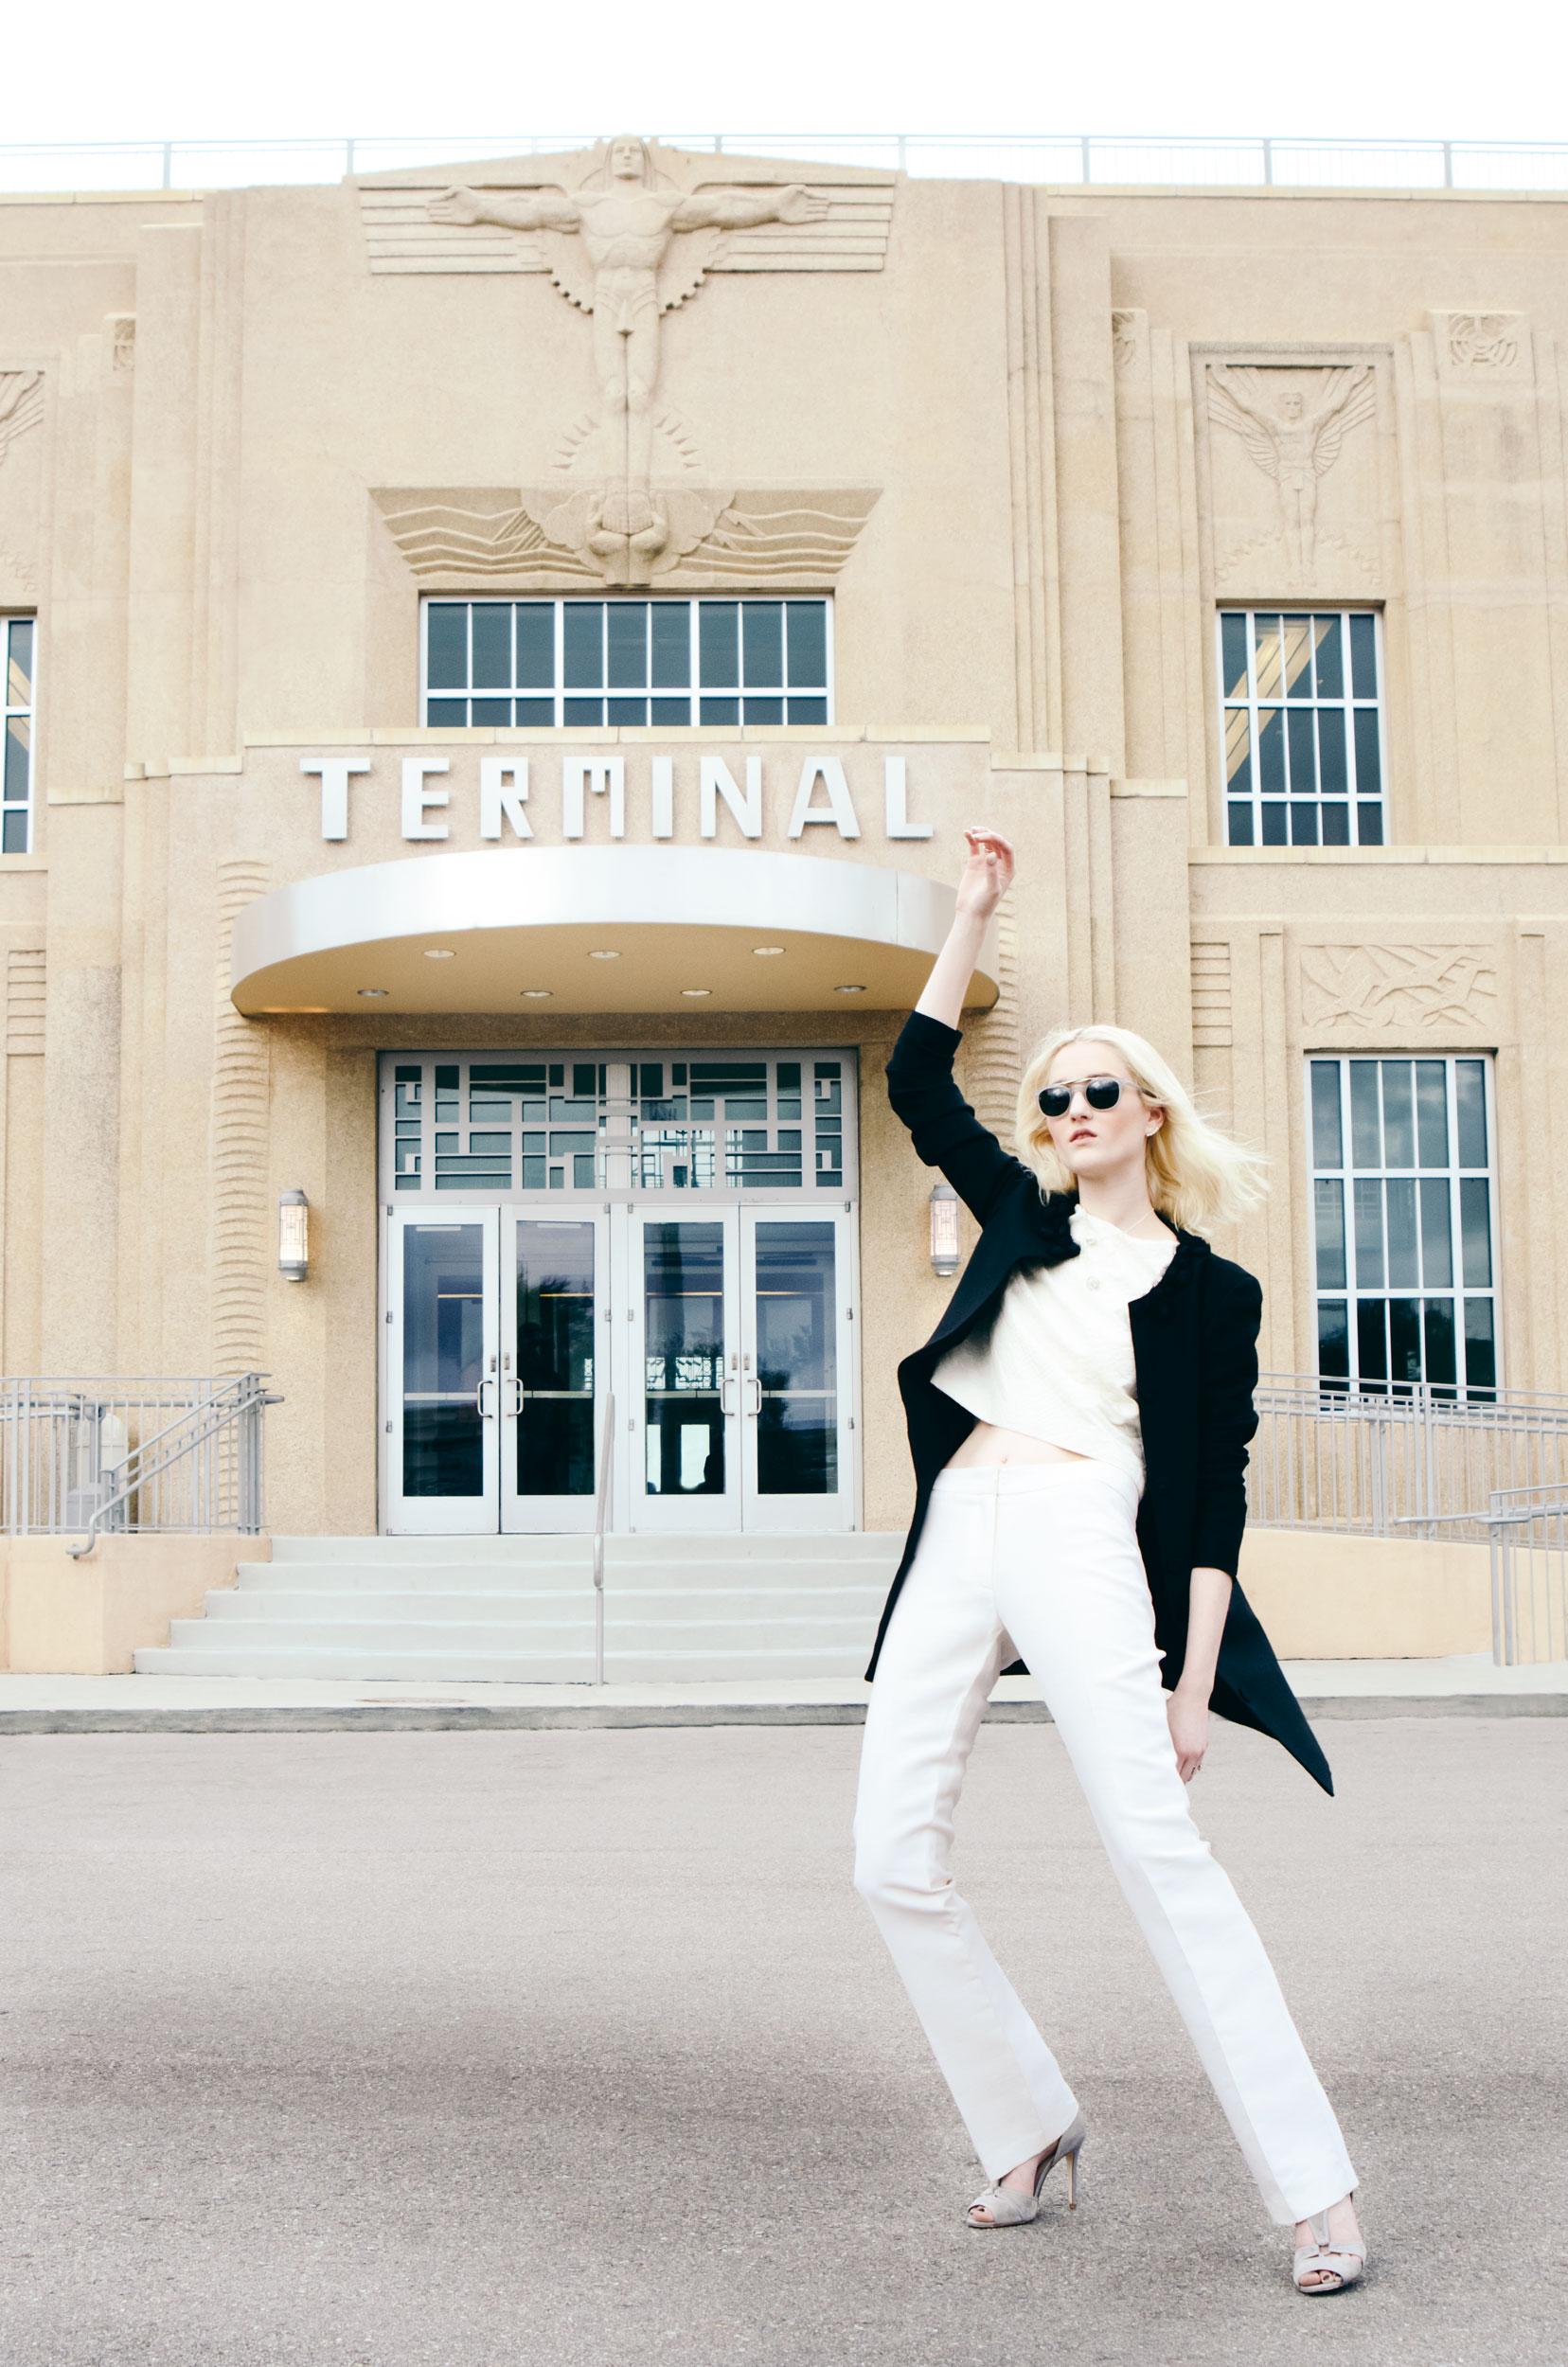 Augusta_Sagnelli_fashion_photographer_new_orleans_08.jpg